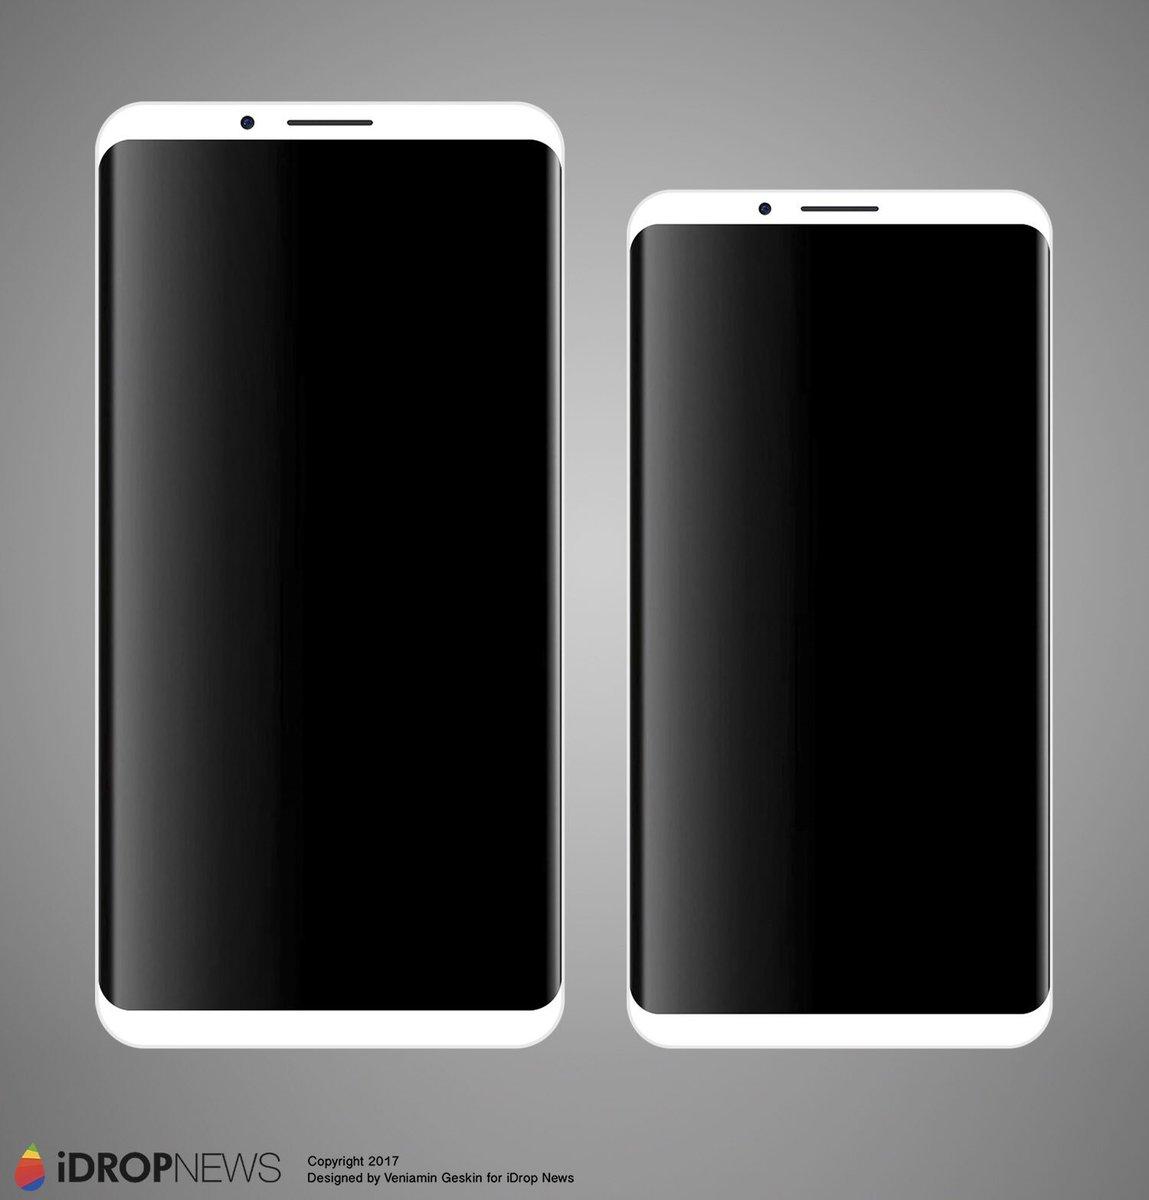 Gehause Iphone C